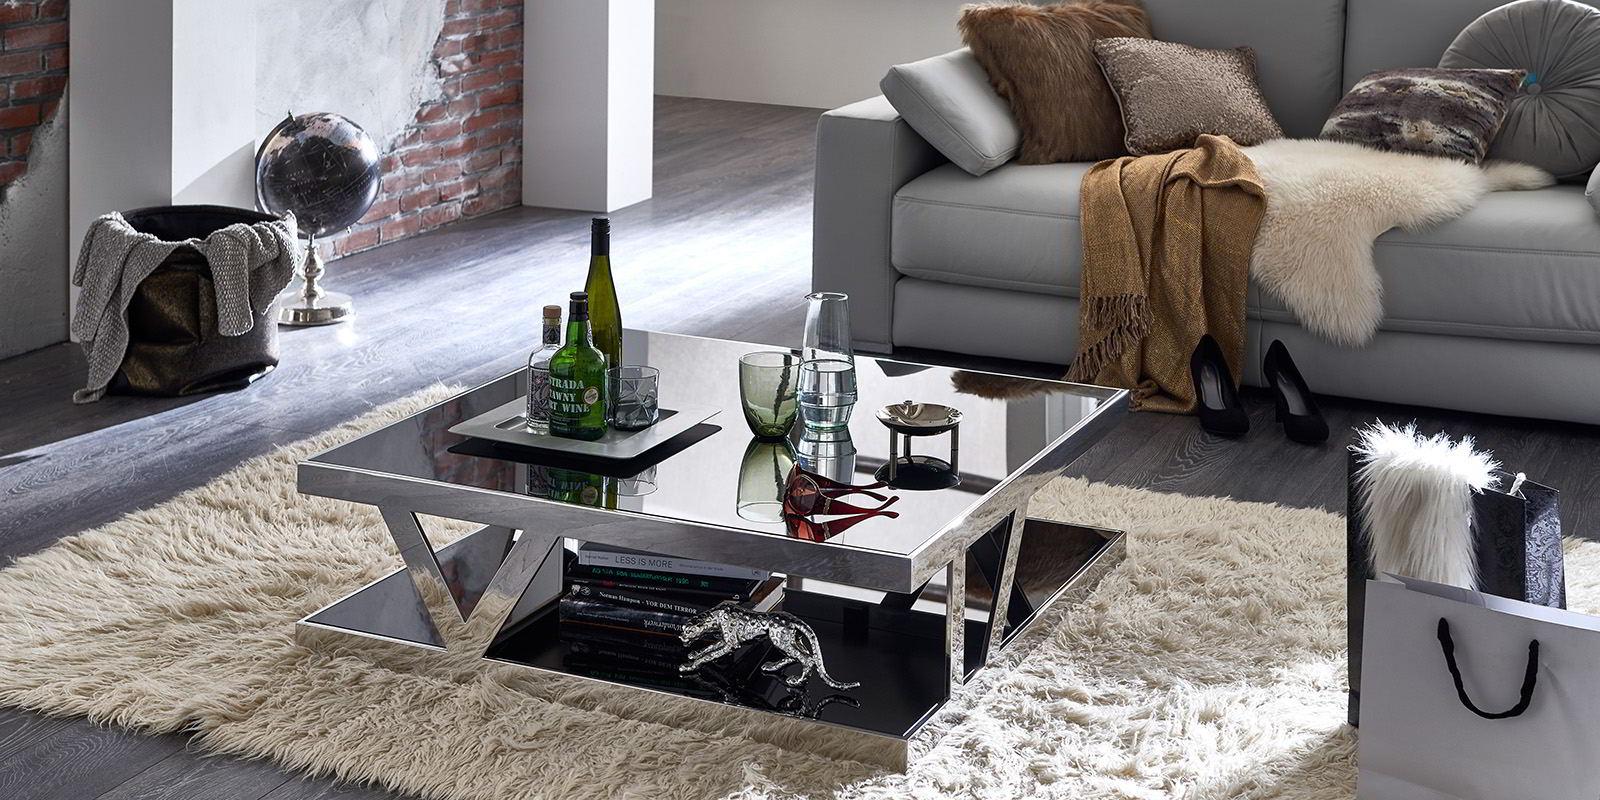 Couchtisch schwarzglas chrom parla glastisch wohnzimmer for Couchtisch schwarzglas